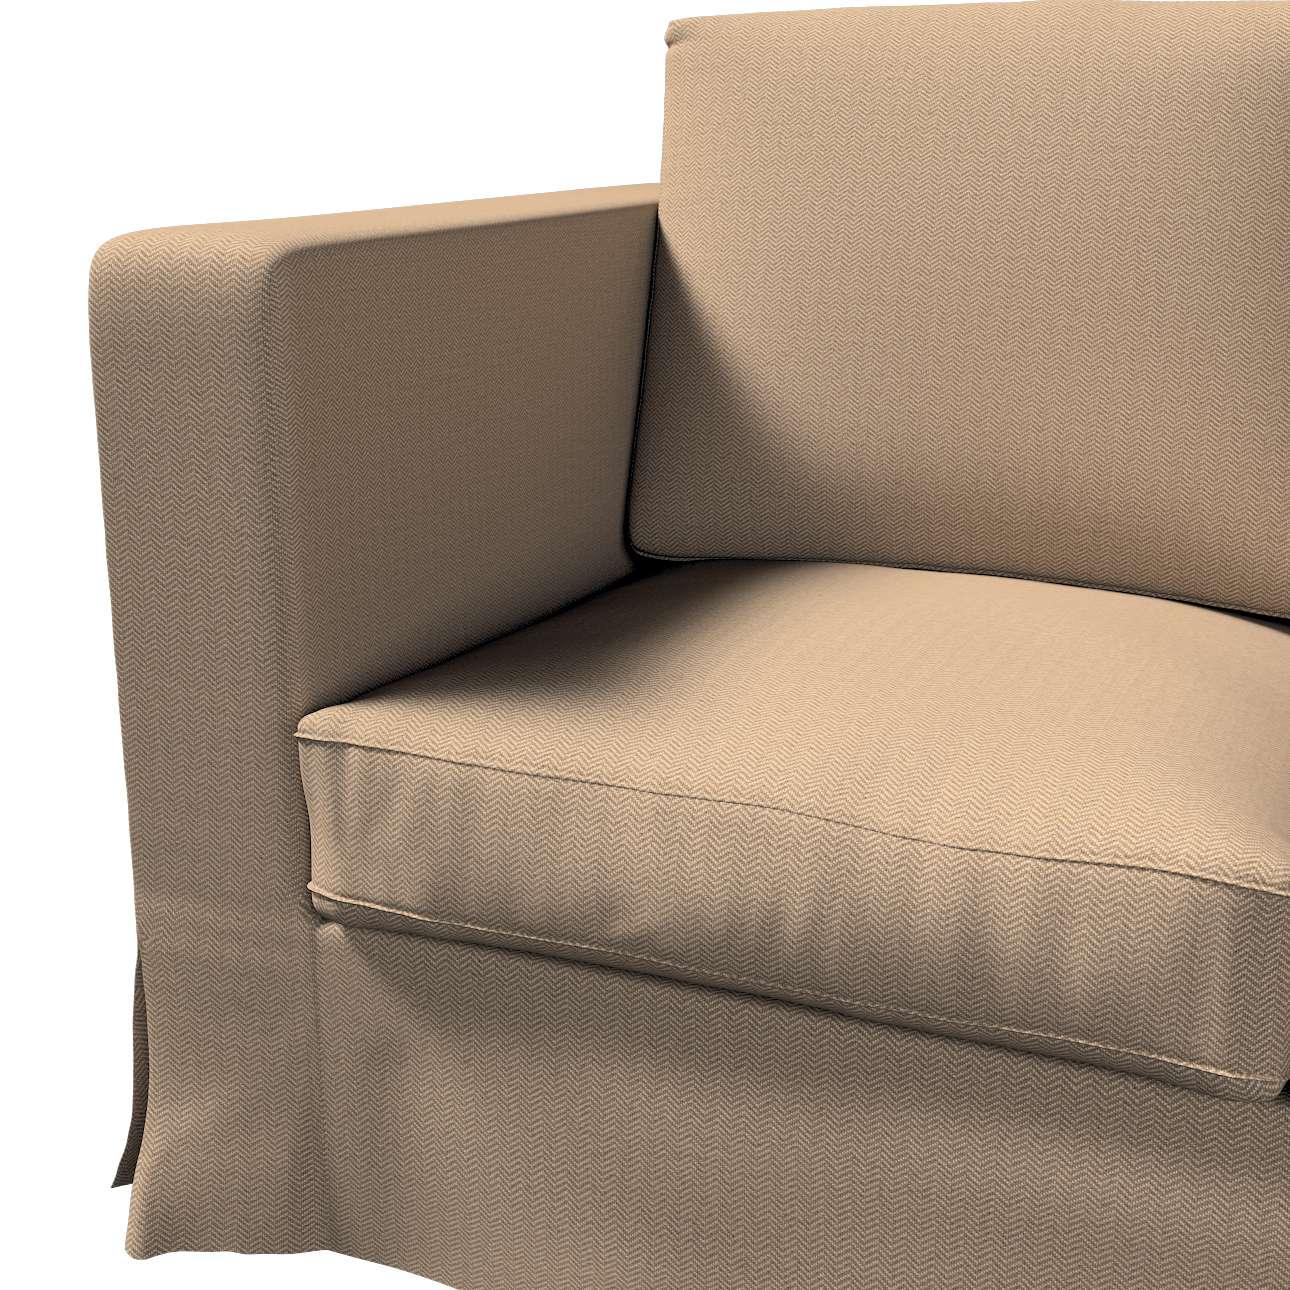 Bezug für Karlanda 3-Sitzer Sofa nicht ausklappbar, lang von der Kollektion Bergen, Stoff: 161-85